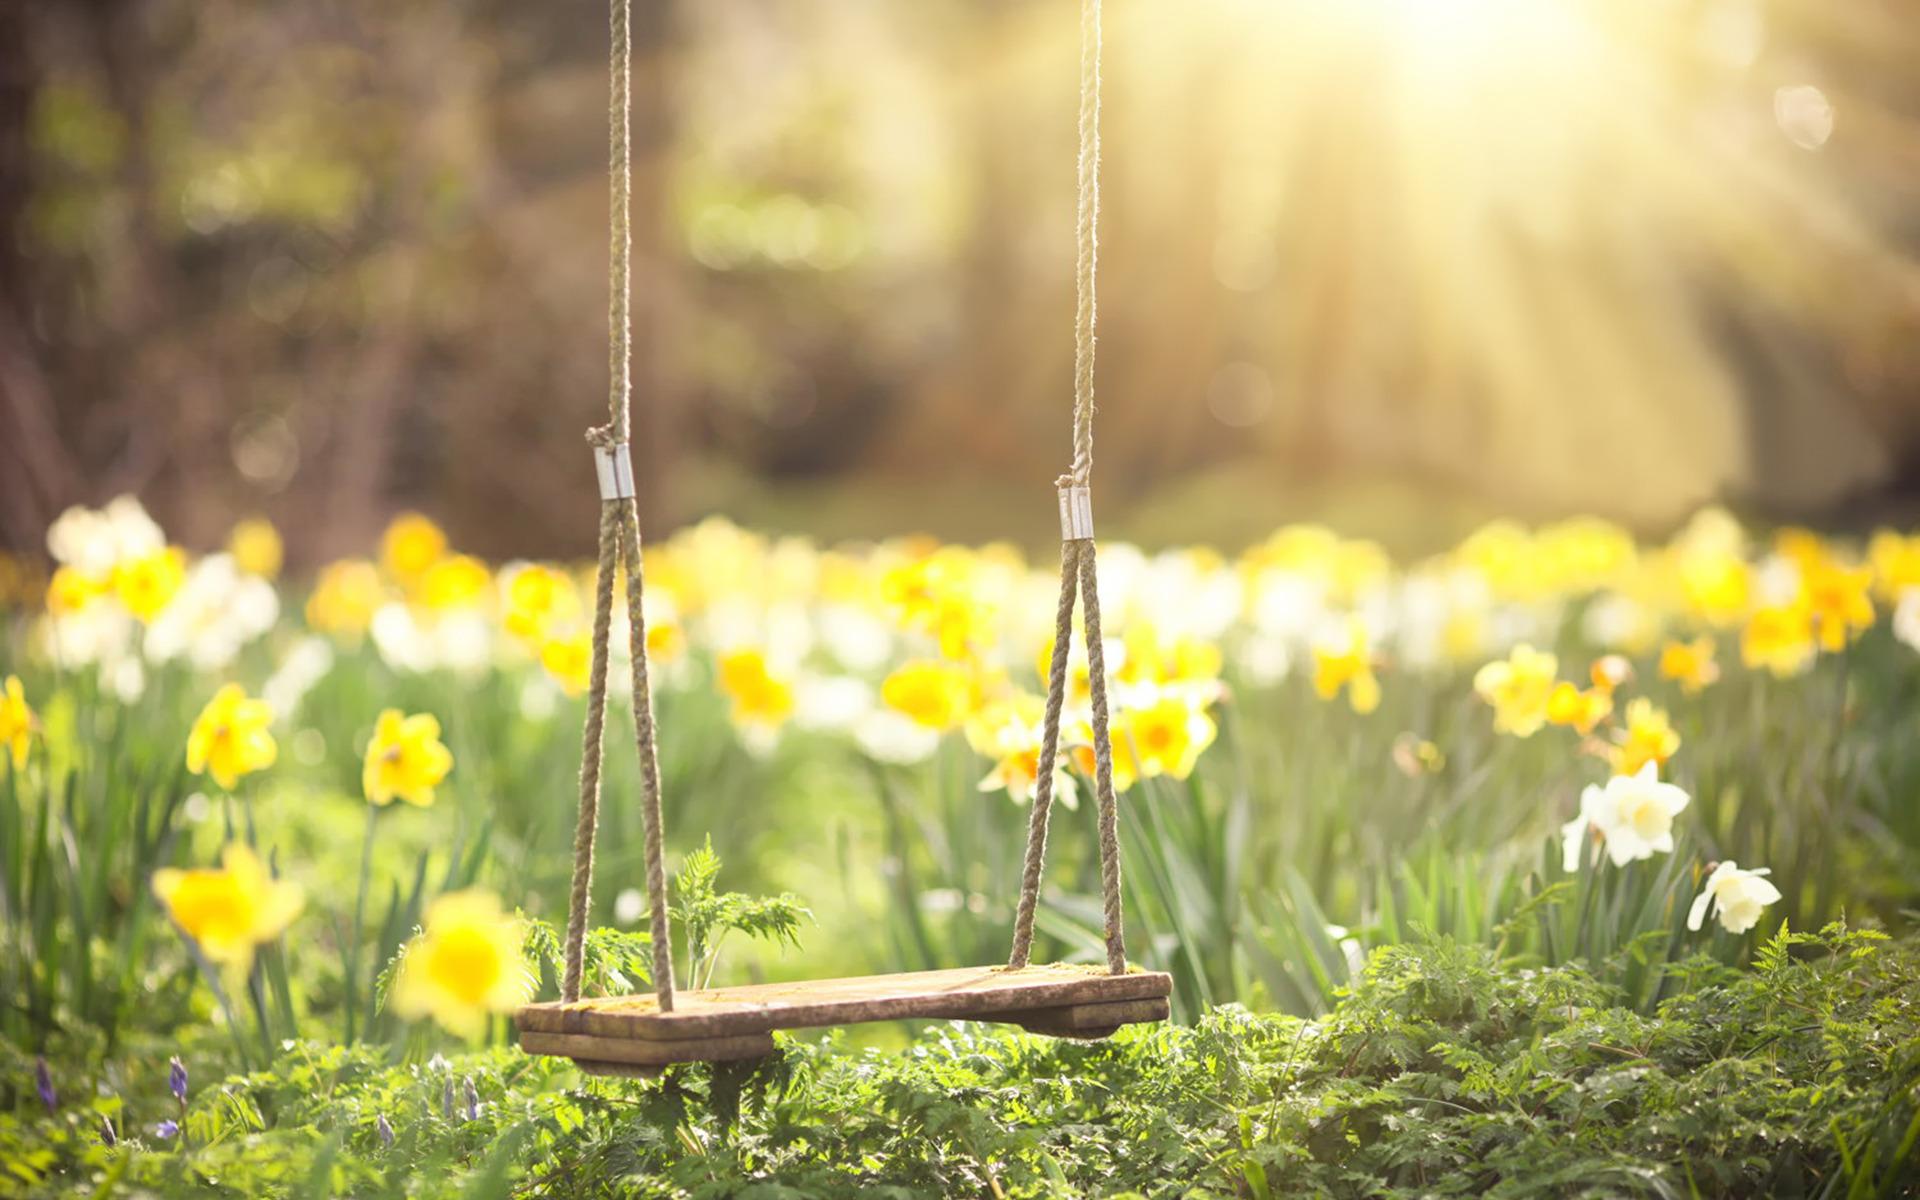 юнникова фото на рабочий стол весна солнце кубачинское